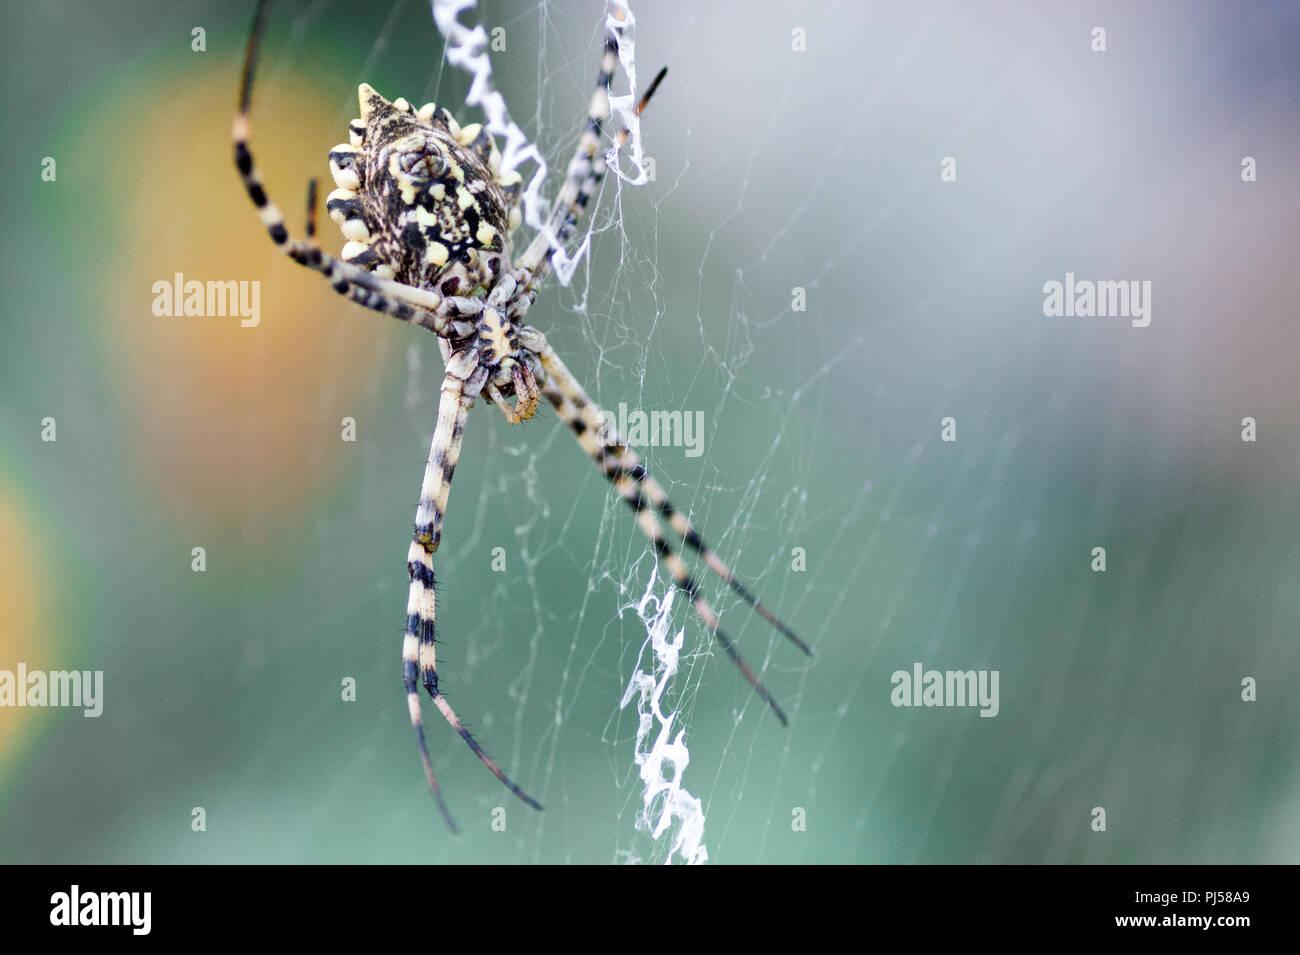 Garden Spider Argiope Lobata Stock Photos Garden Spider Argiope